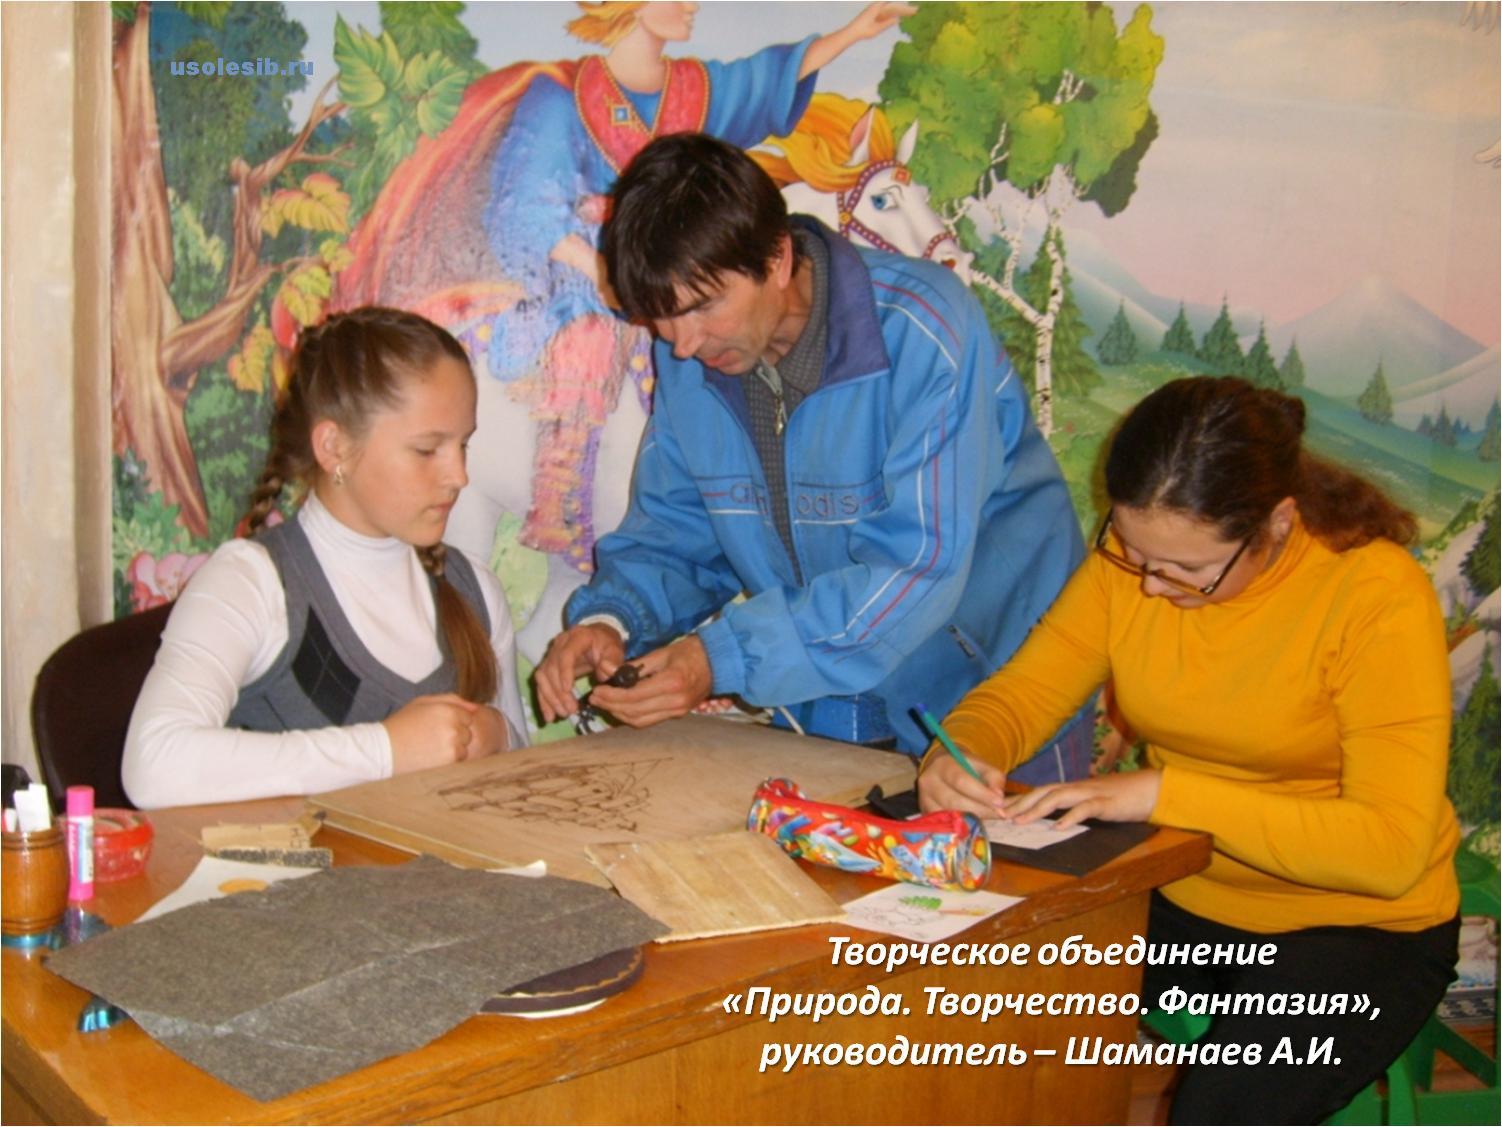 SHamanaev